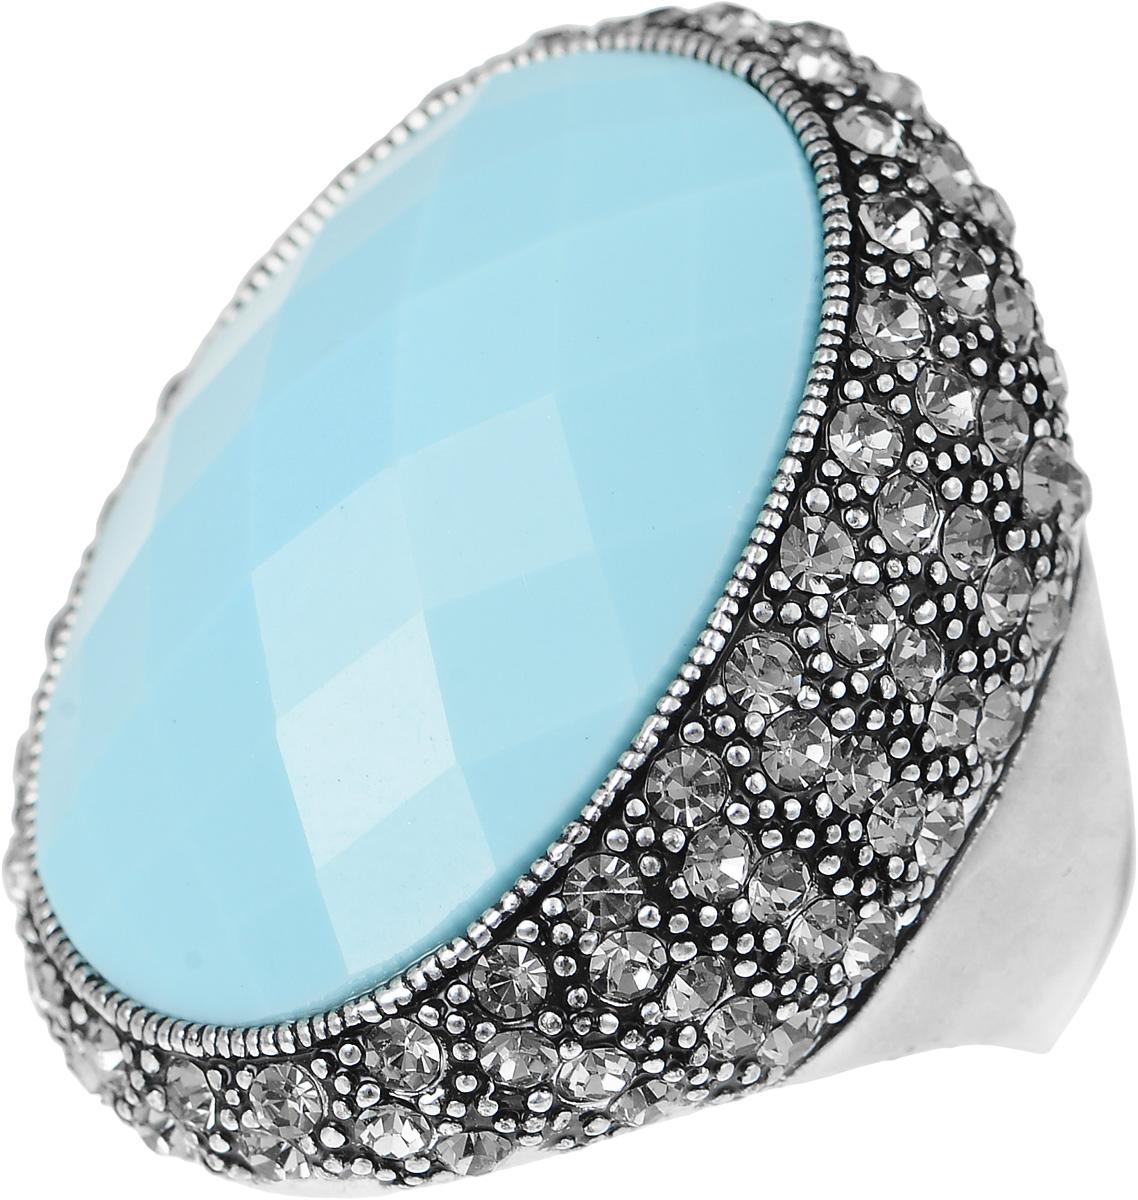 Кольцо Art-Silver, цвет: серебристый, голубой. V060871R-1418. Размер 18,5V060871R-1418Великолепное кольцо Art-Silver изготовлено из бижутерного сплава. Изделие оформлено цирконами. В центре кольца расположена ограненная вставка из пластика. Стильное кольцо придаст вашему образу изюминку и подчеркнет индивидуальность.